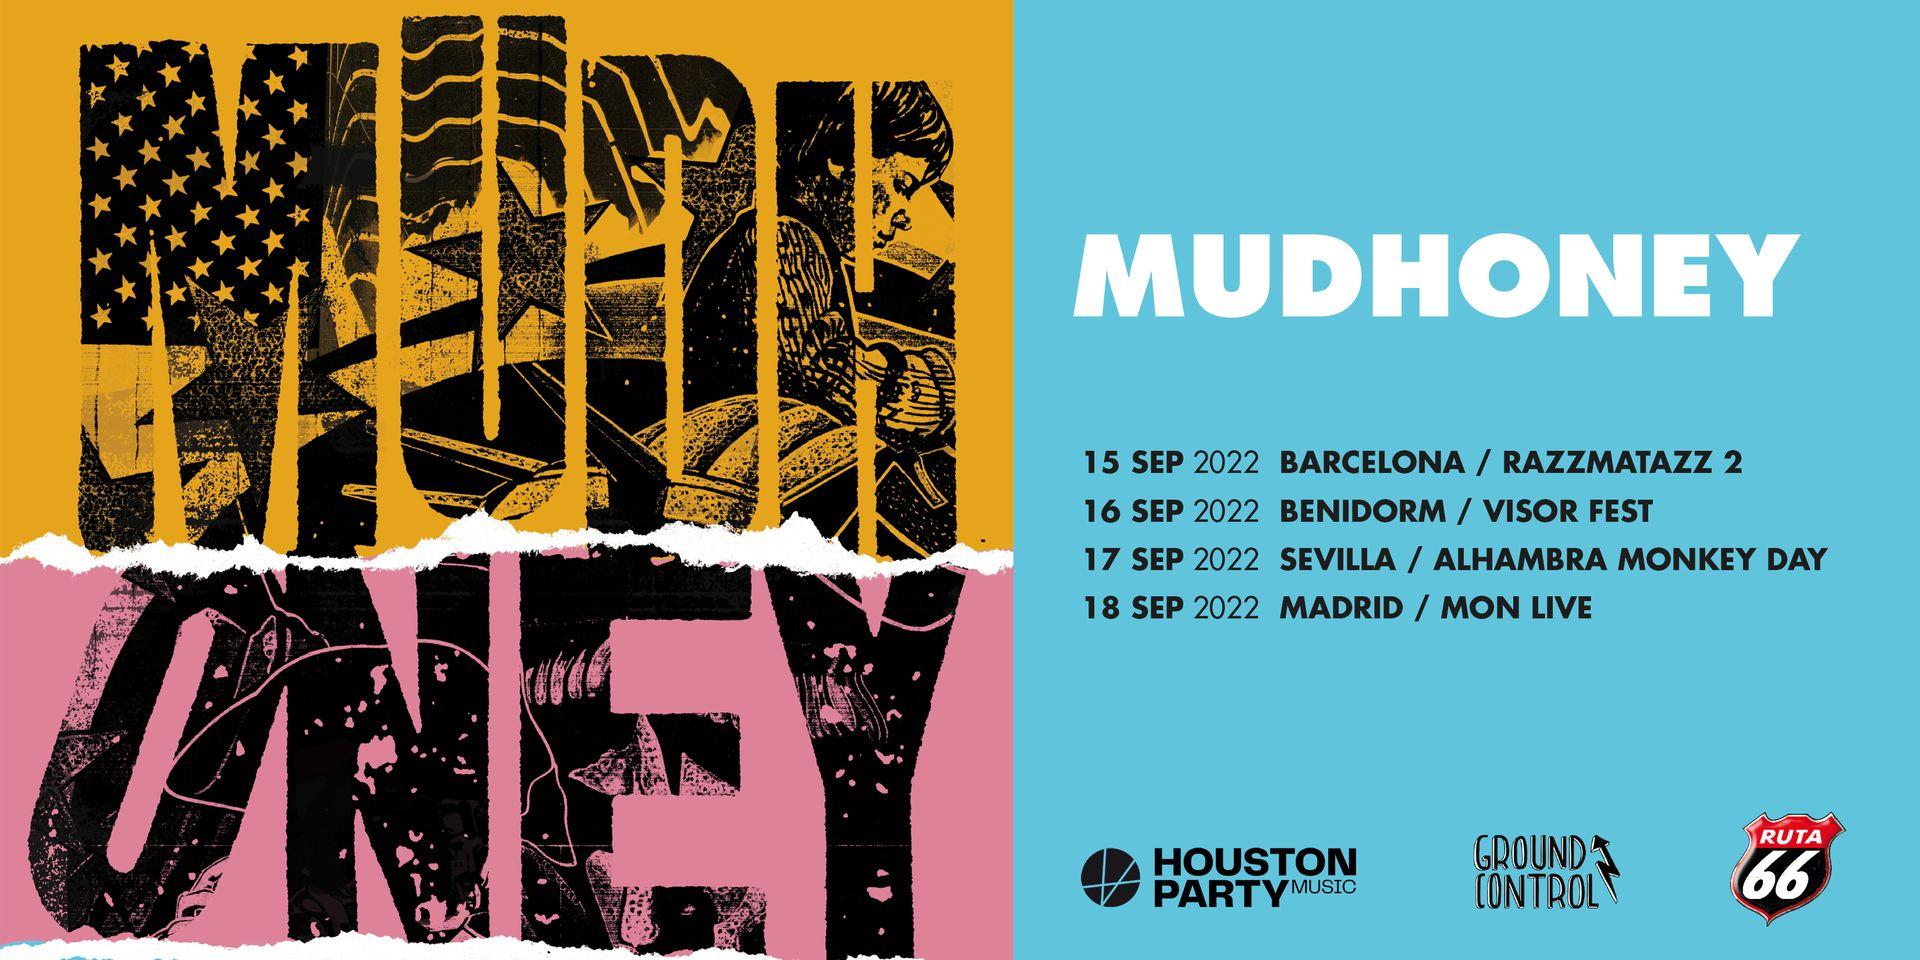 """Mudhoney anuncian gira en septiembre de 2022 y reeditan """"Every Good Boy Deserves Fudge"""""""